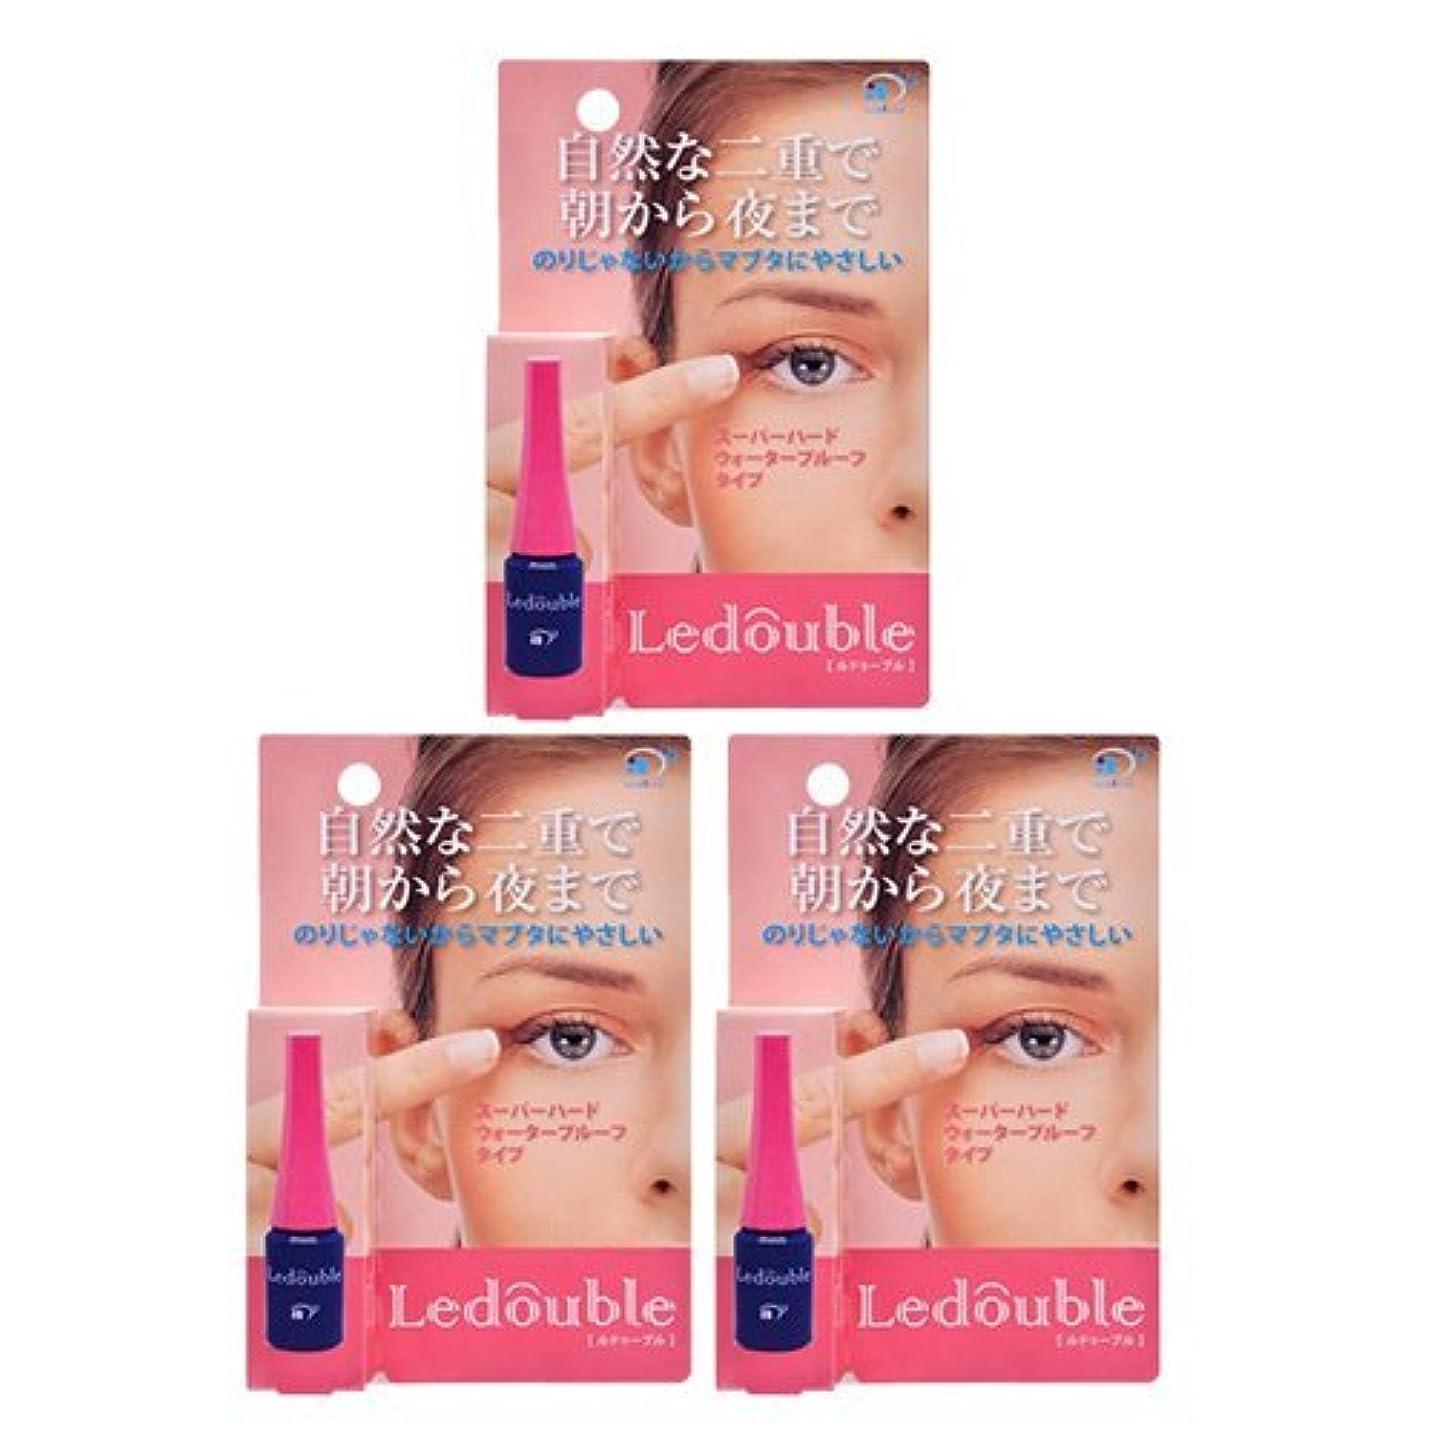 ガウン予報迅速Ledouble [ルドゥーブル] 二重まぶた化粧品 (2mL)×3個セット